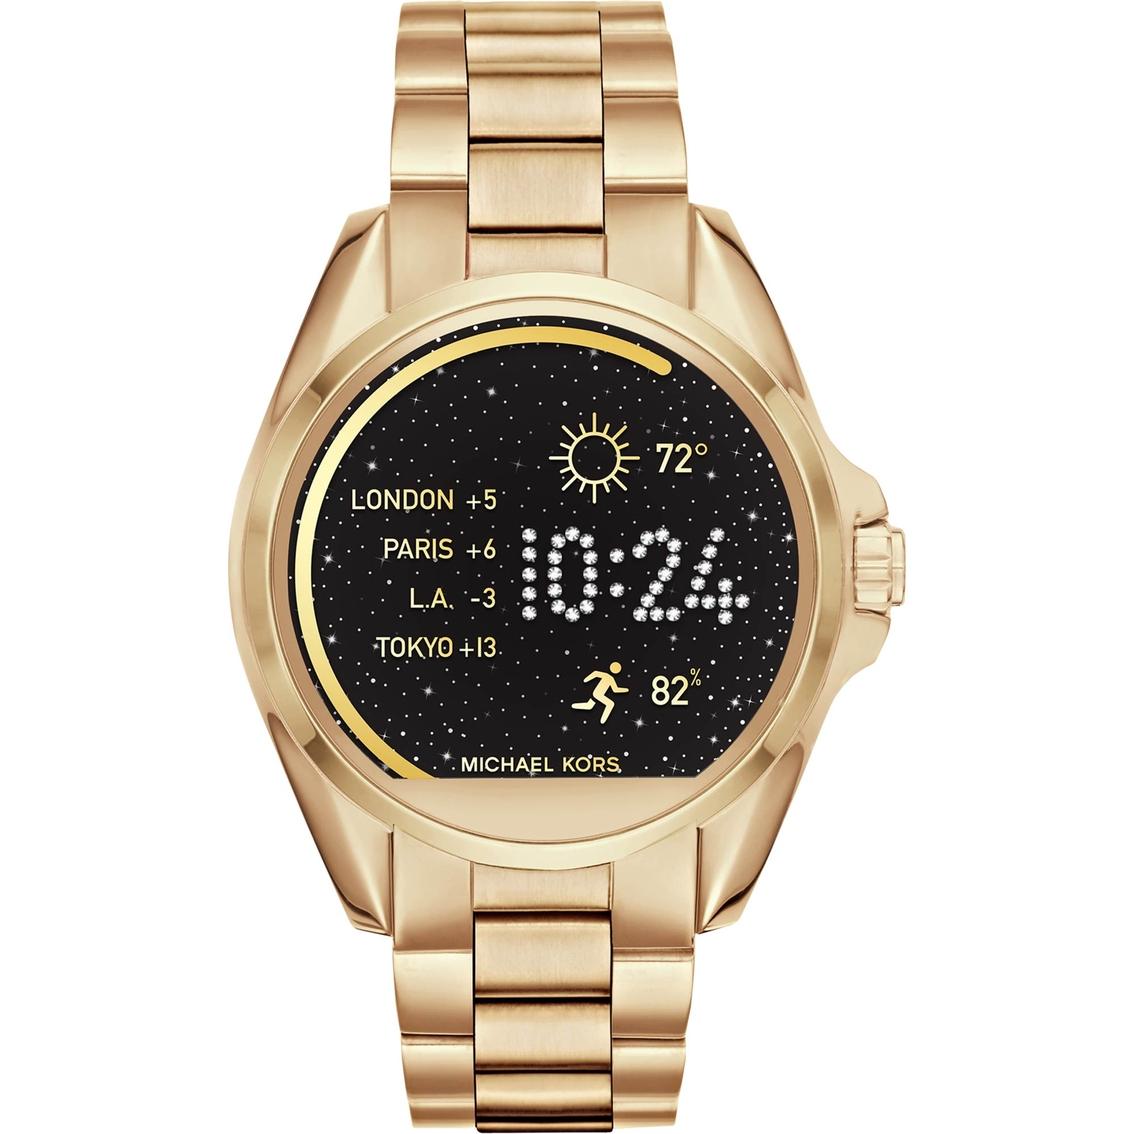 f9259a459857 Michael Kors Access Women s Bradshaw Display Smart Watch 44.5MM MKT500